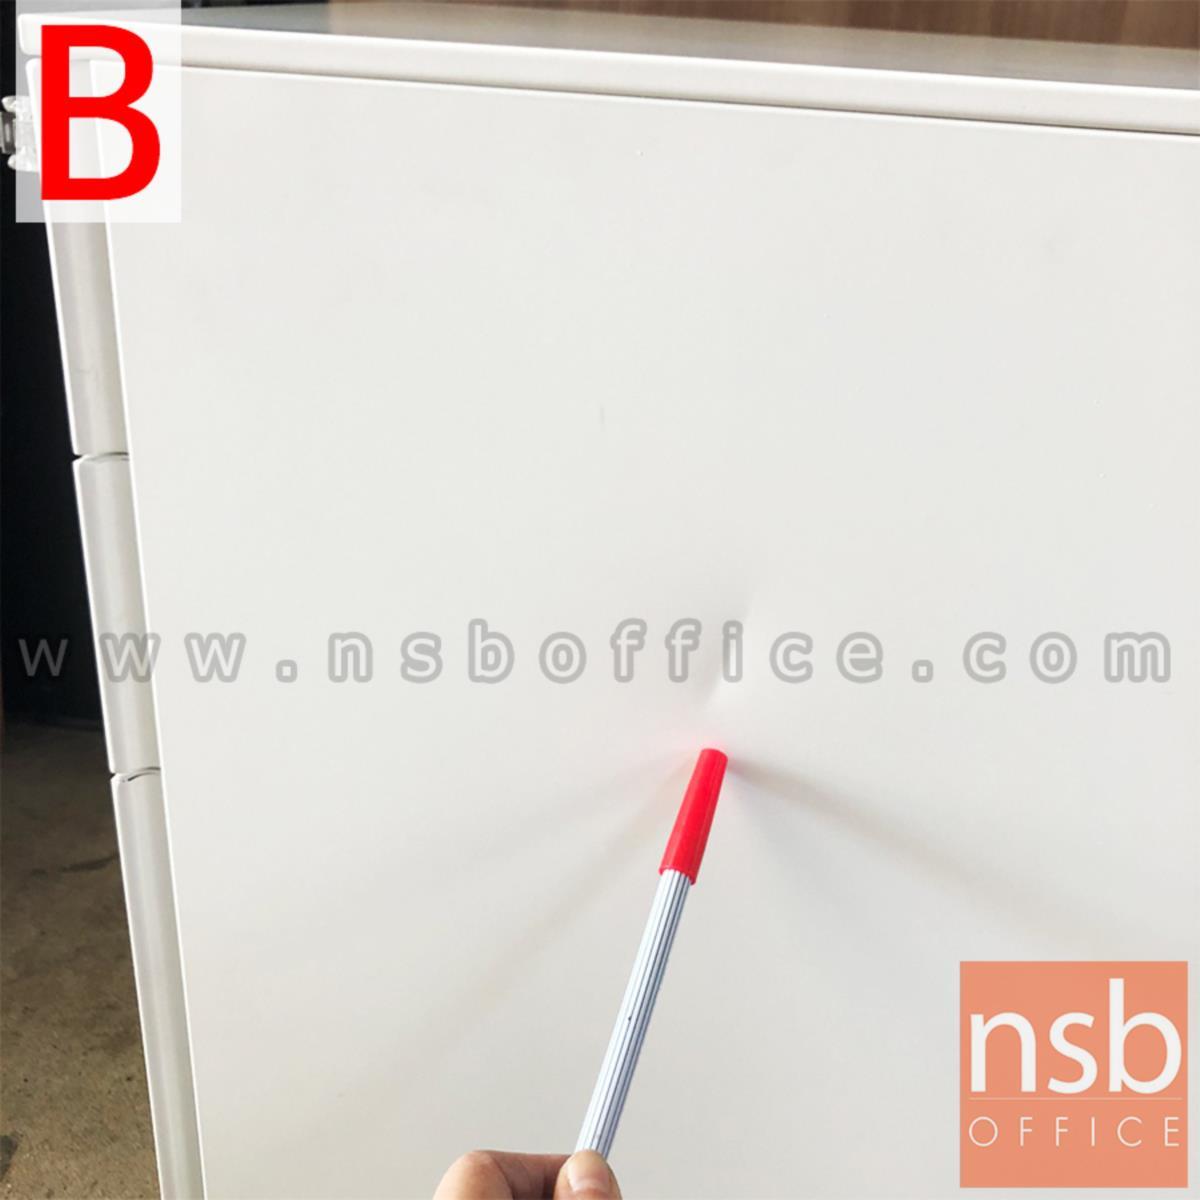 ตู้เหล็กสีขาว 3 ลิ้นชักล้อเลื่อน วางใต้โต๊ะ ขนาด 39W* 50D* 60H cm  (สต๊อก 2 ตัวหน้าร้าน)